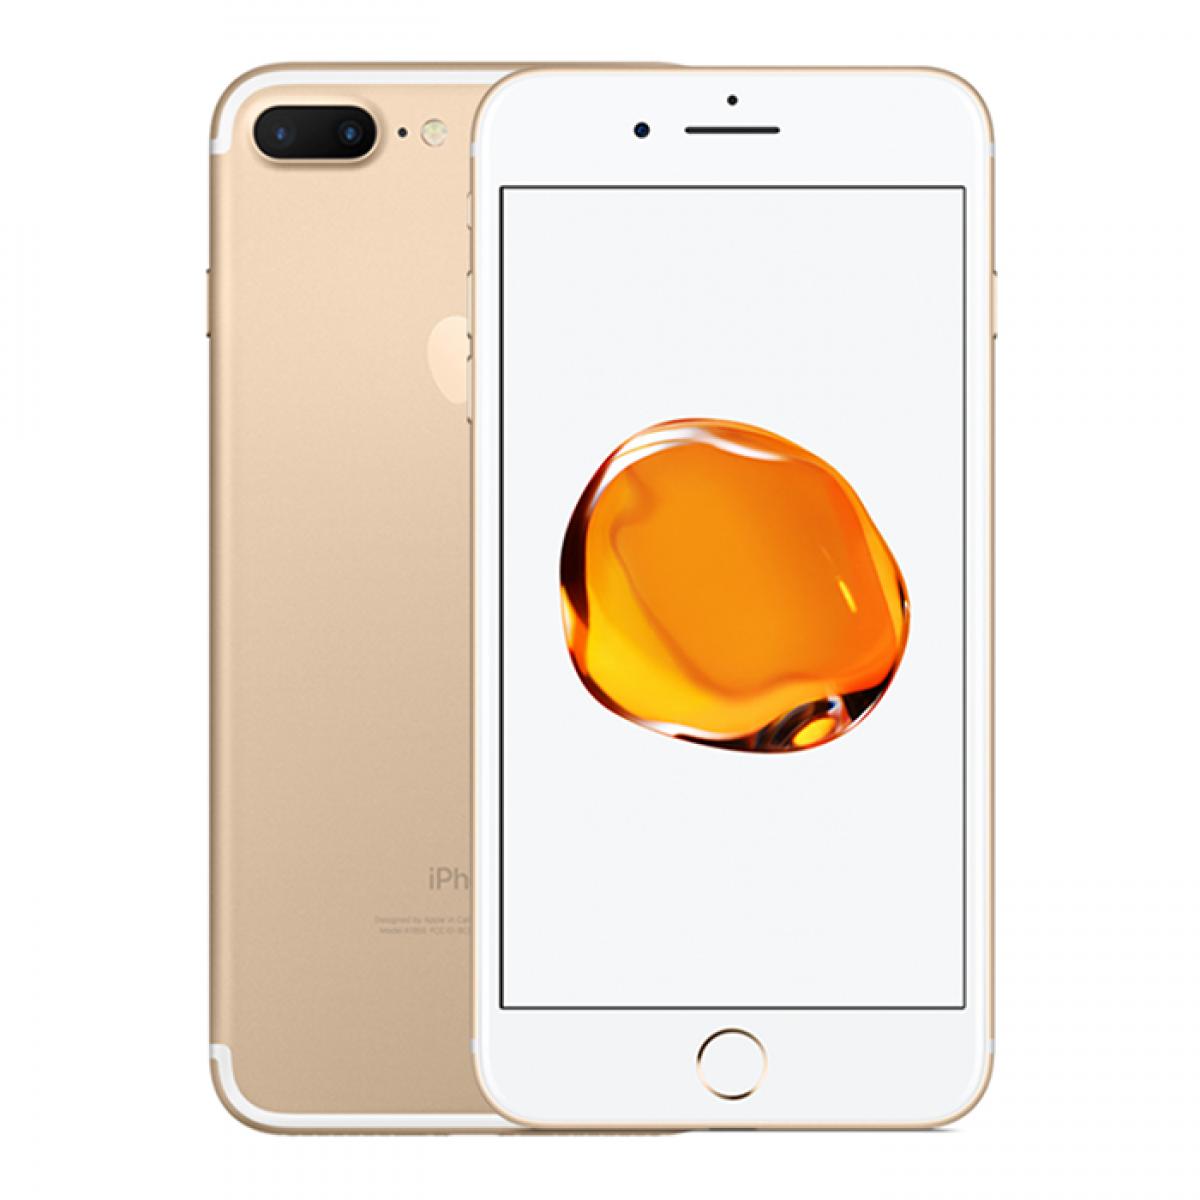 Apple iPhone 7 Plus 128GB Gold.